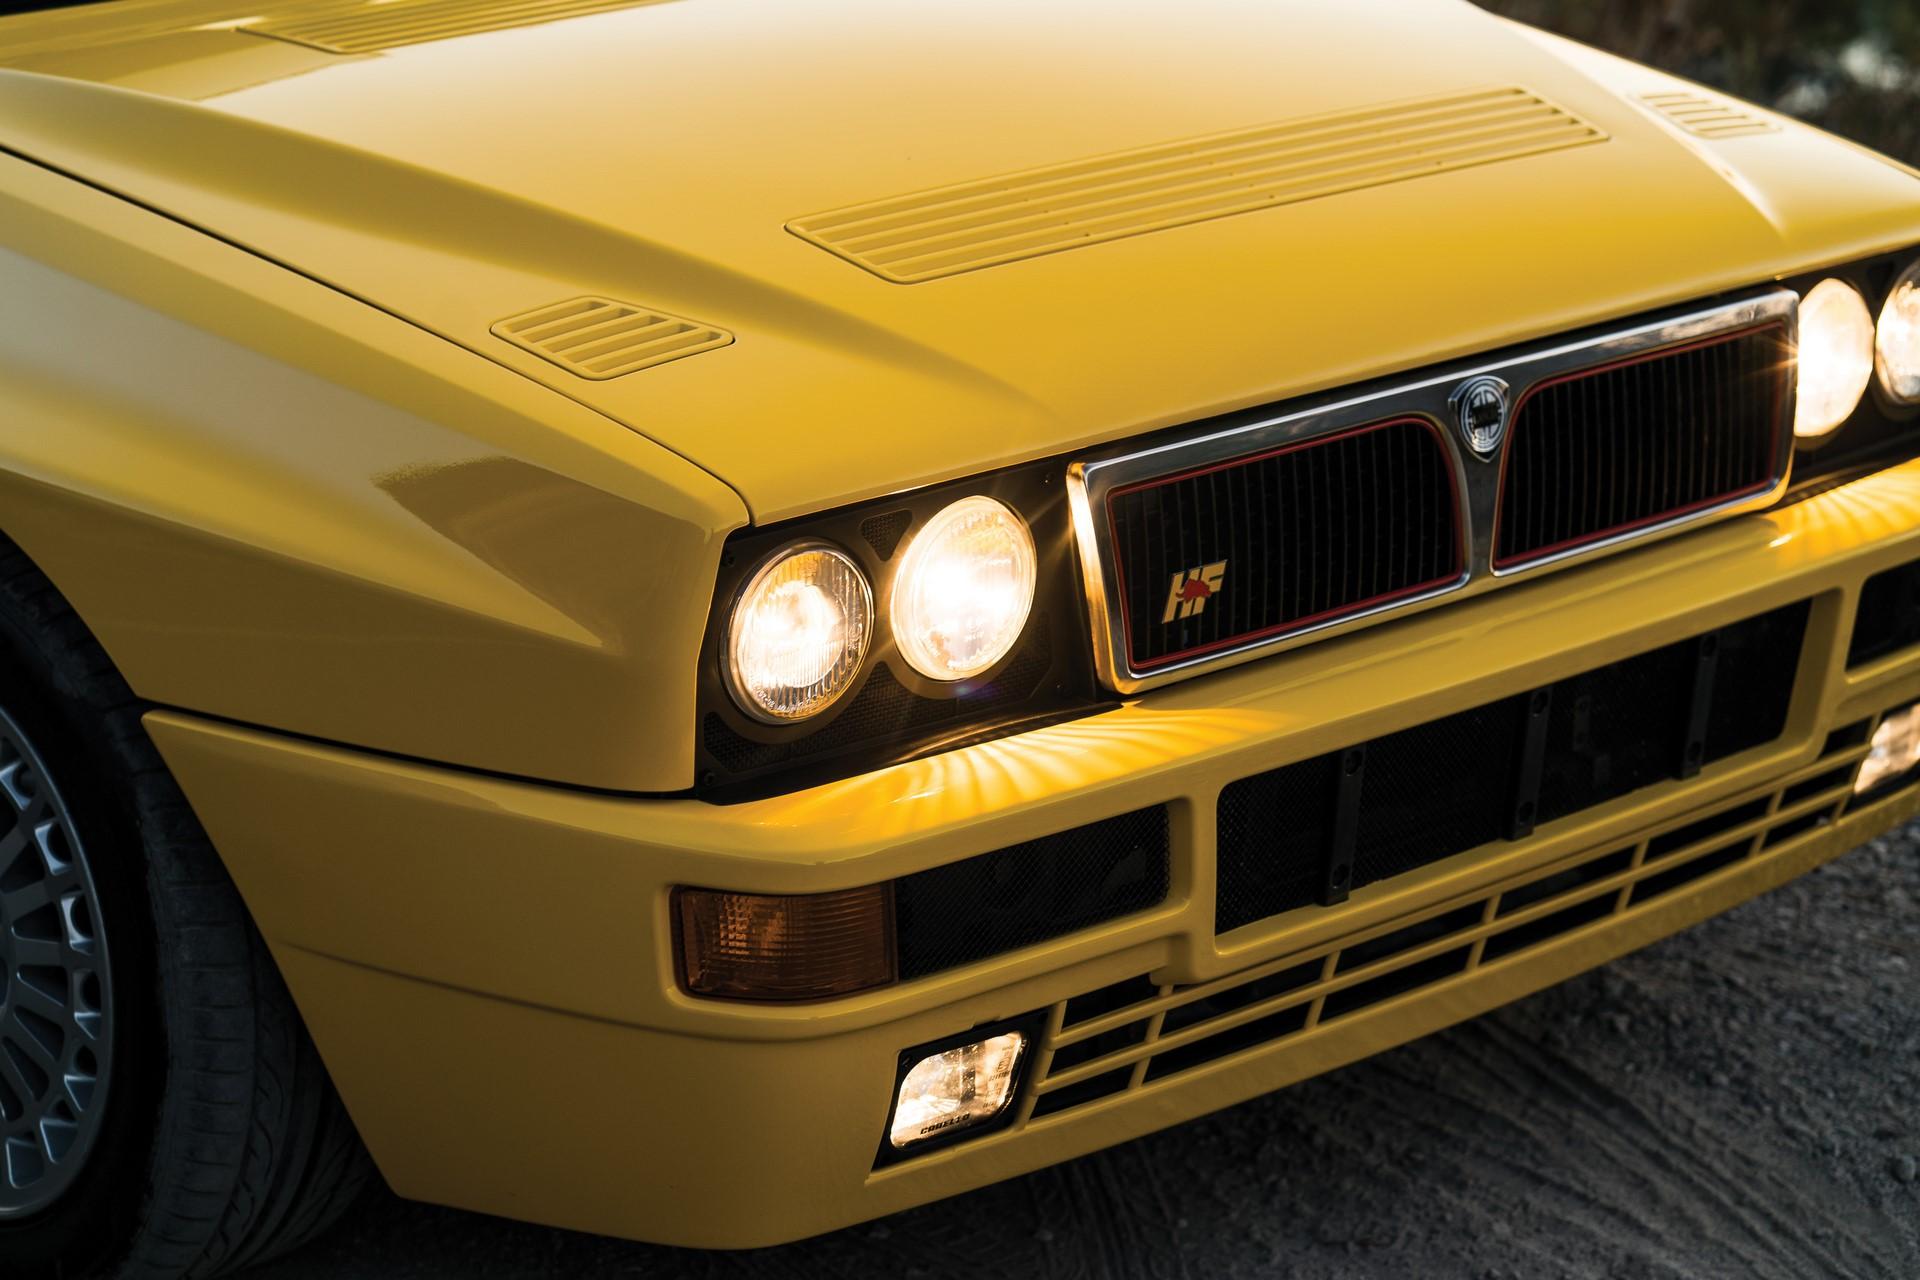 Lancia Delta HF Integrale Evoluzione 1992 (21)